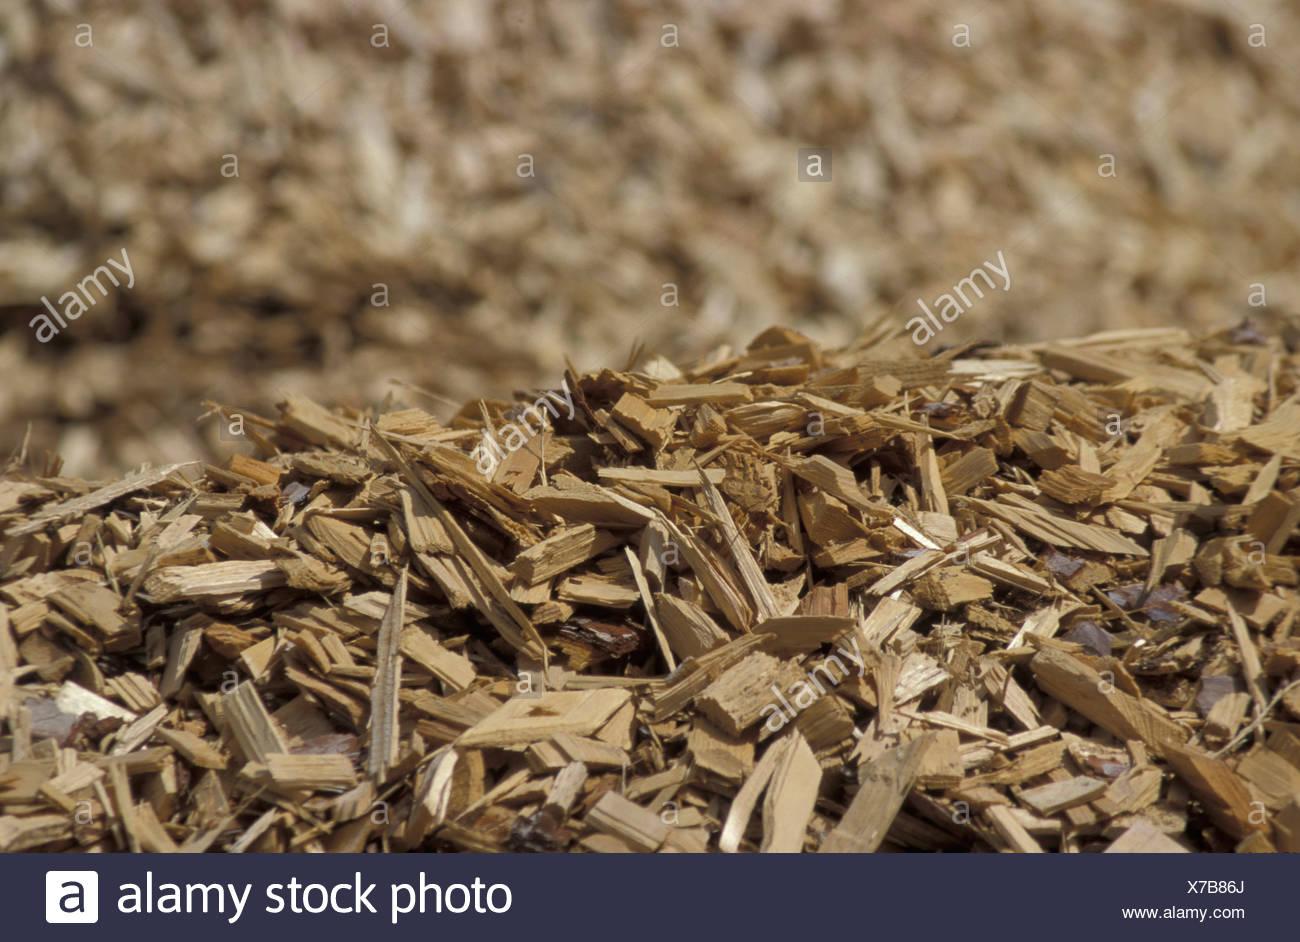 Haufen von abgebrochenen Holz Stockbild